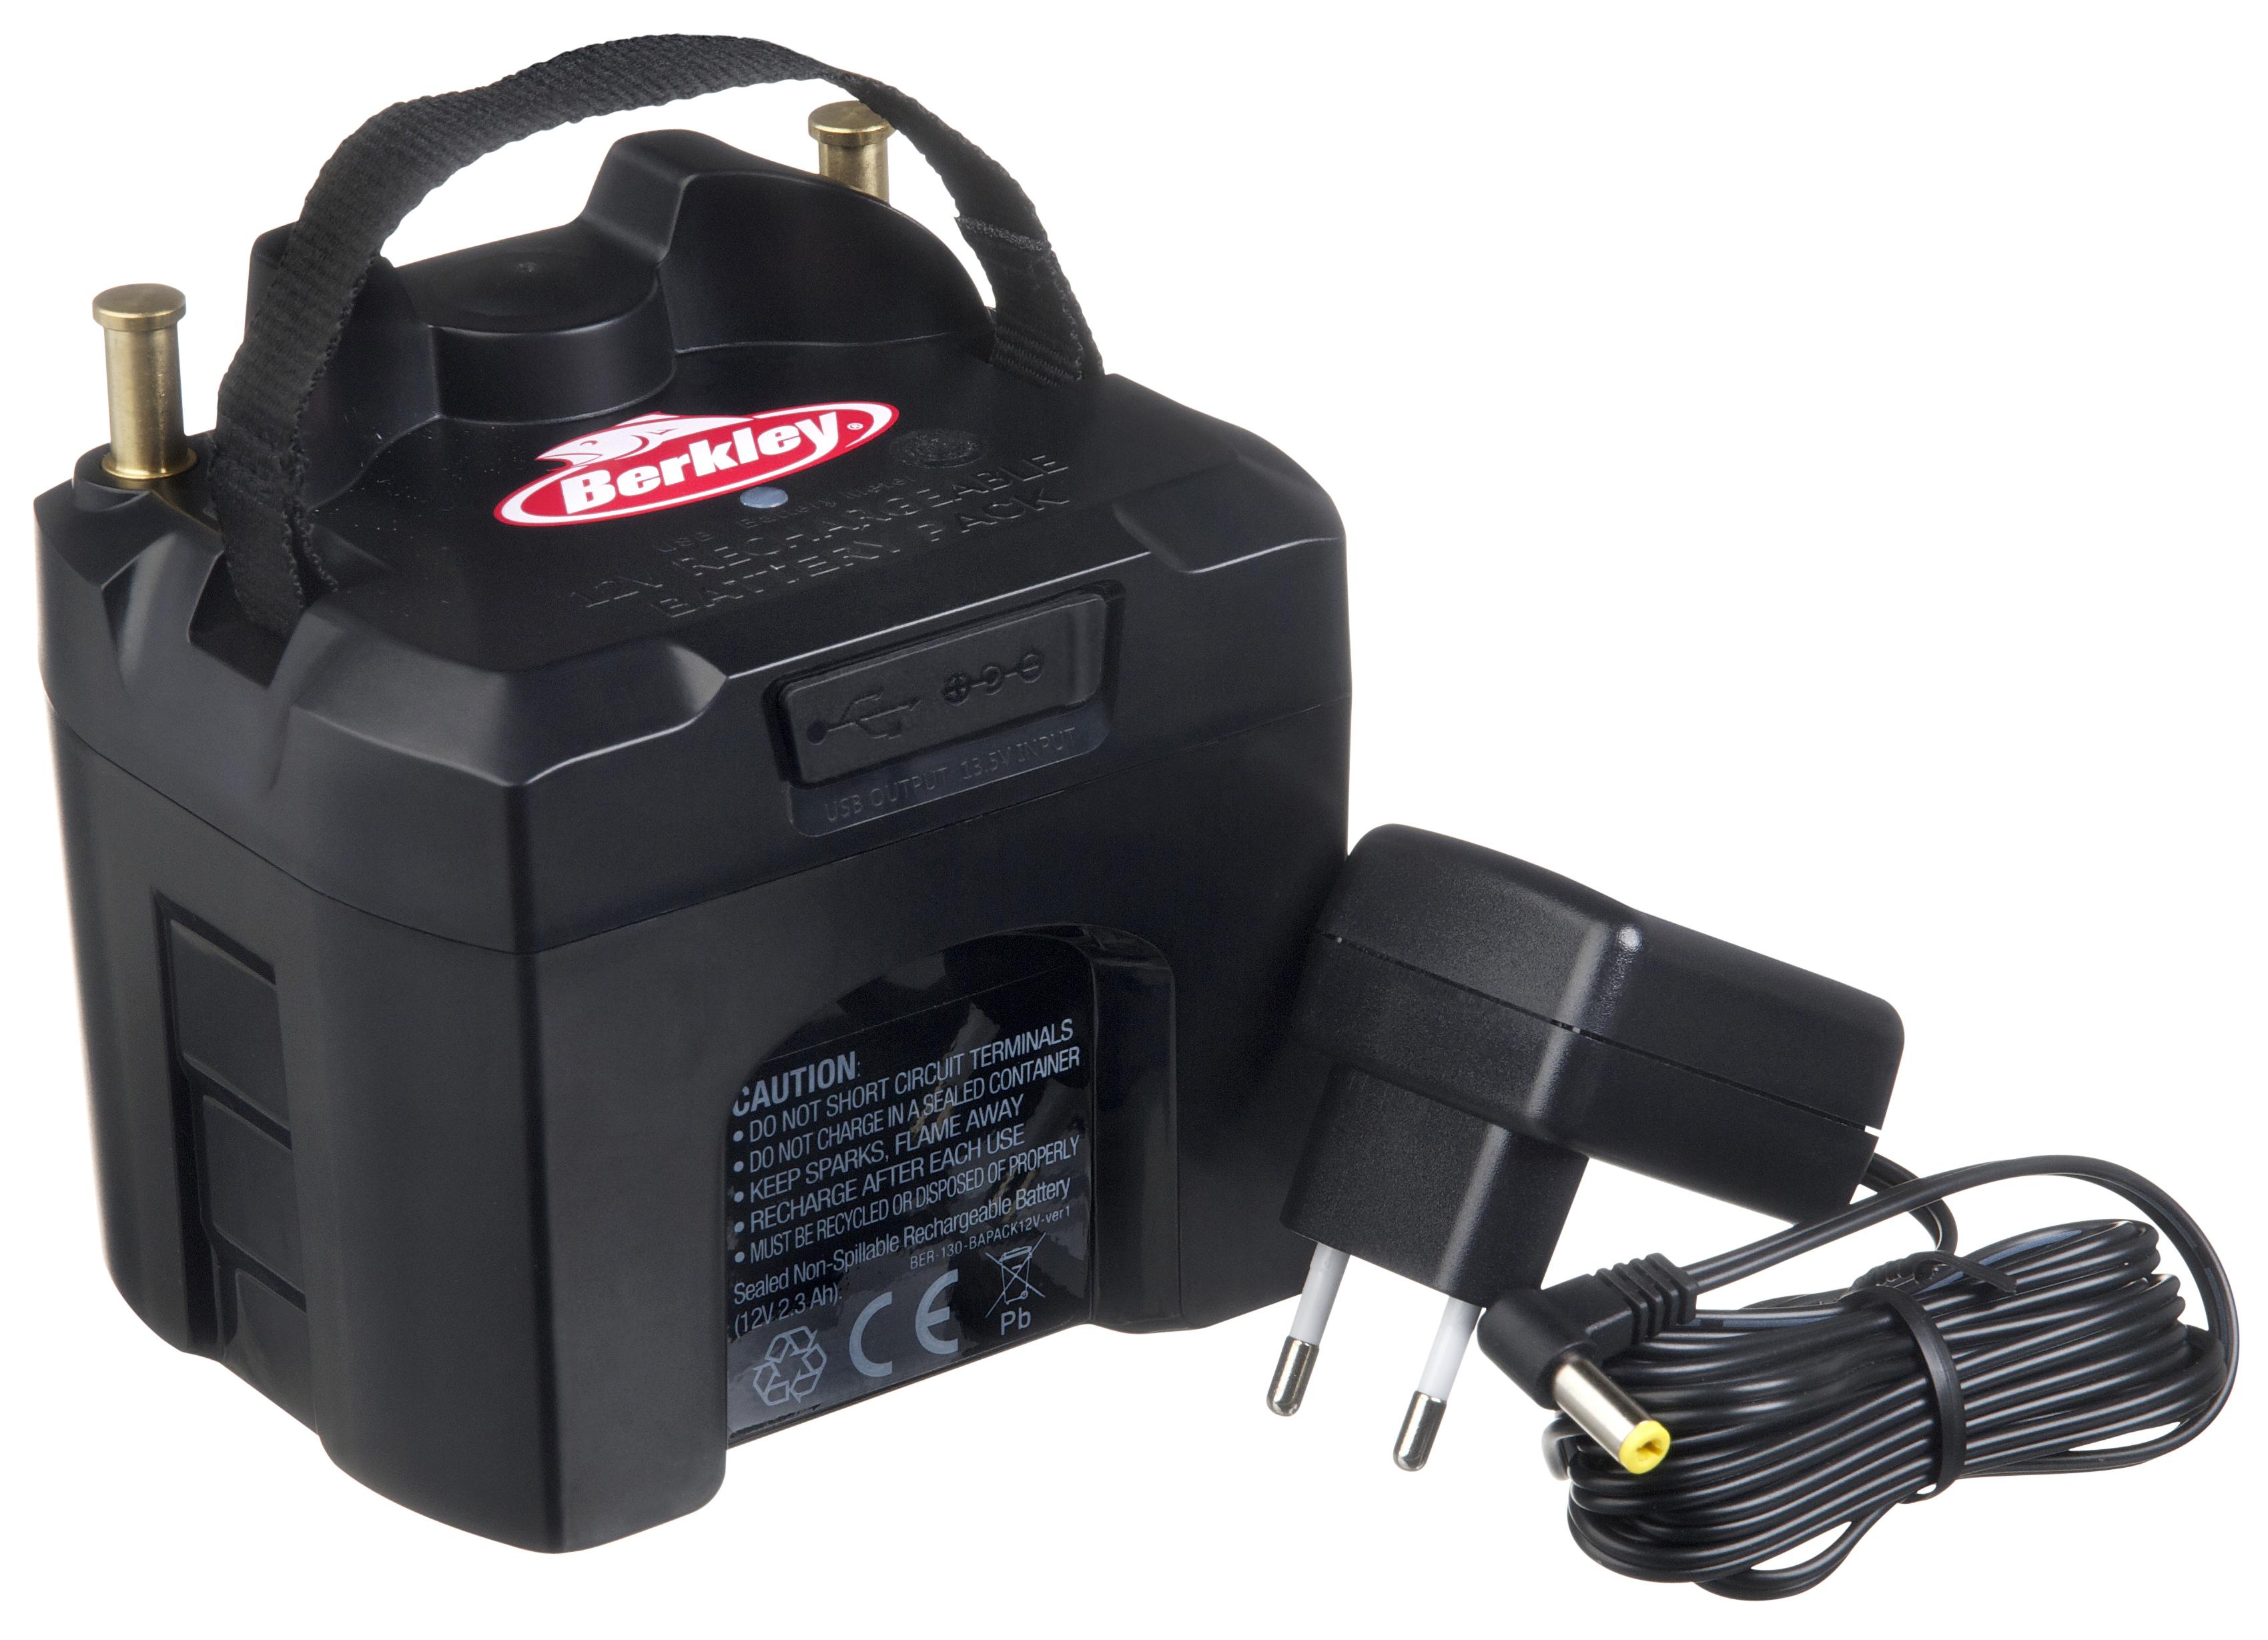 1363061 - Immer am Strom - Berkley Batterie System